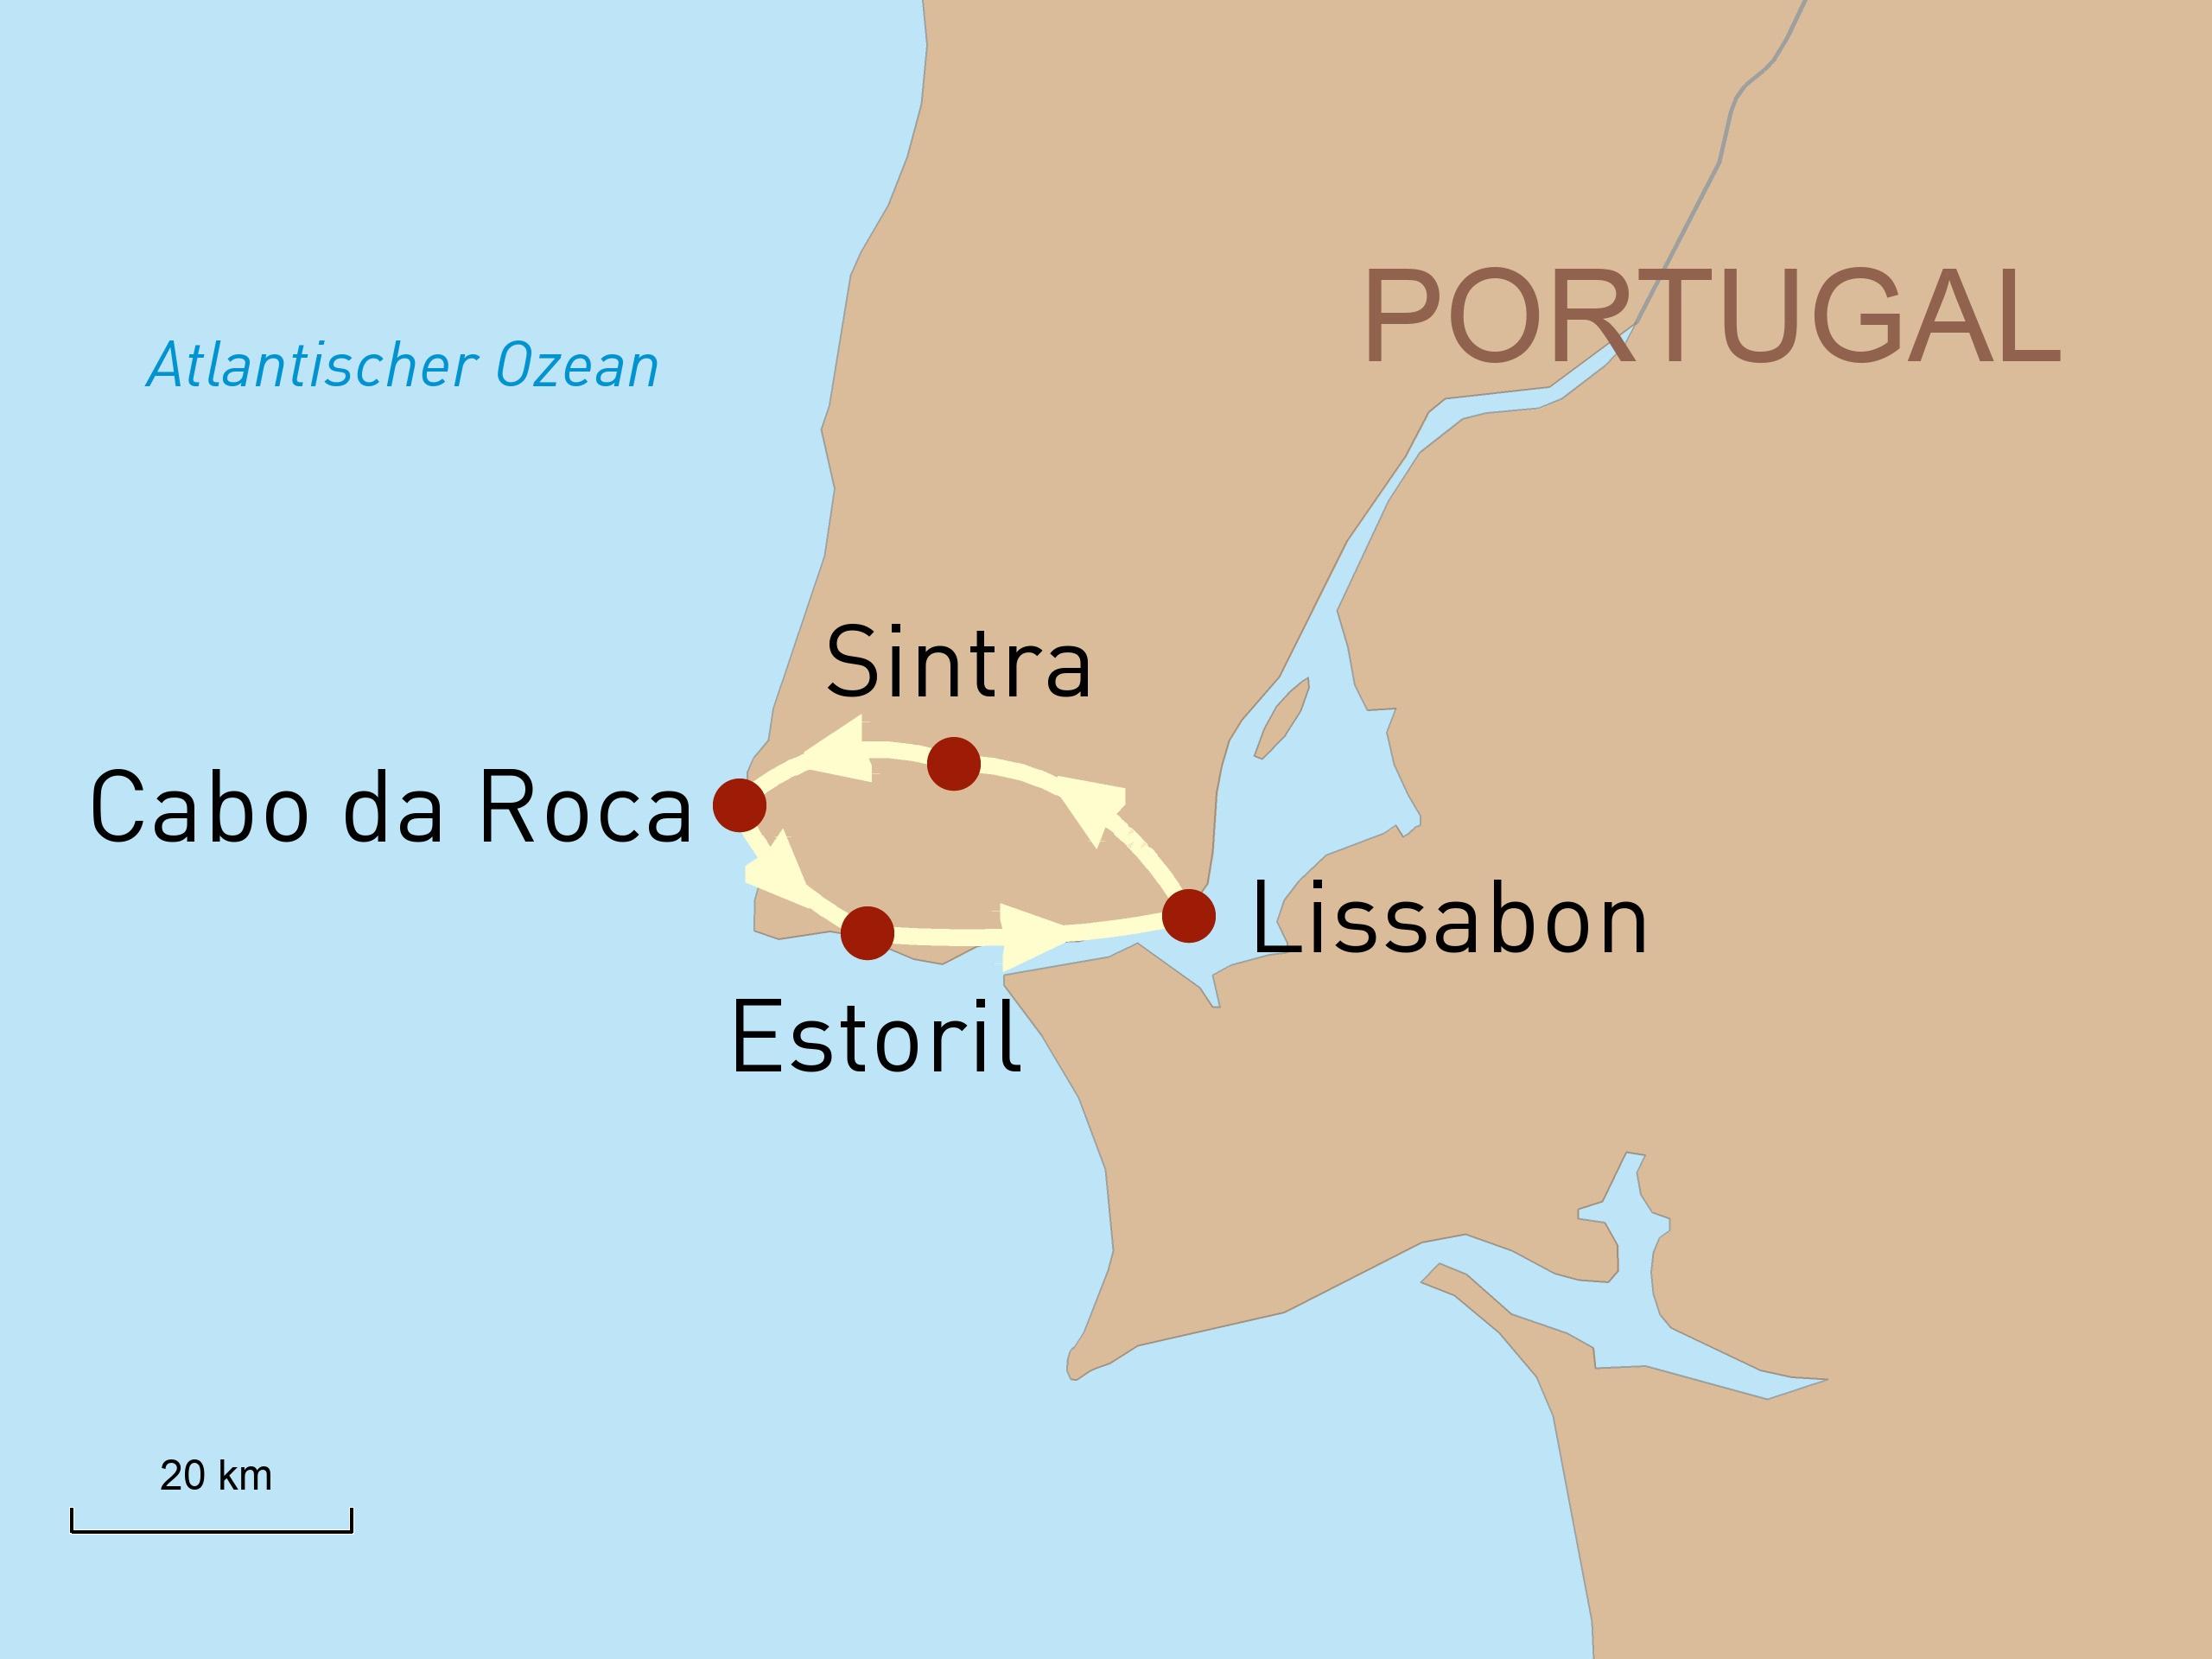 StepMap-Karte-Drei-perfekte-Tage-in-Lissabon.jpg